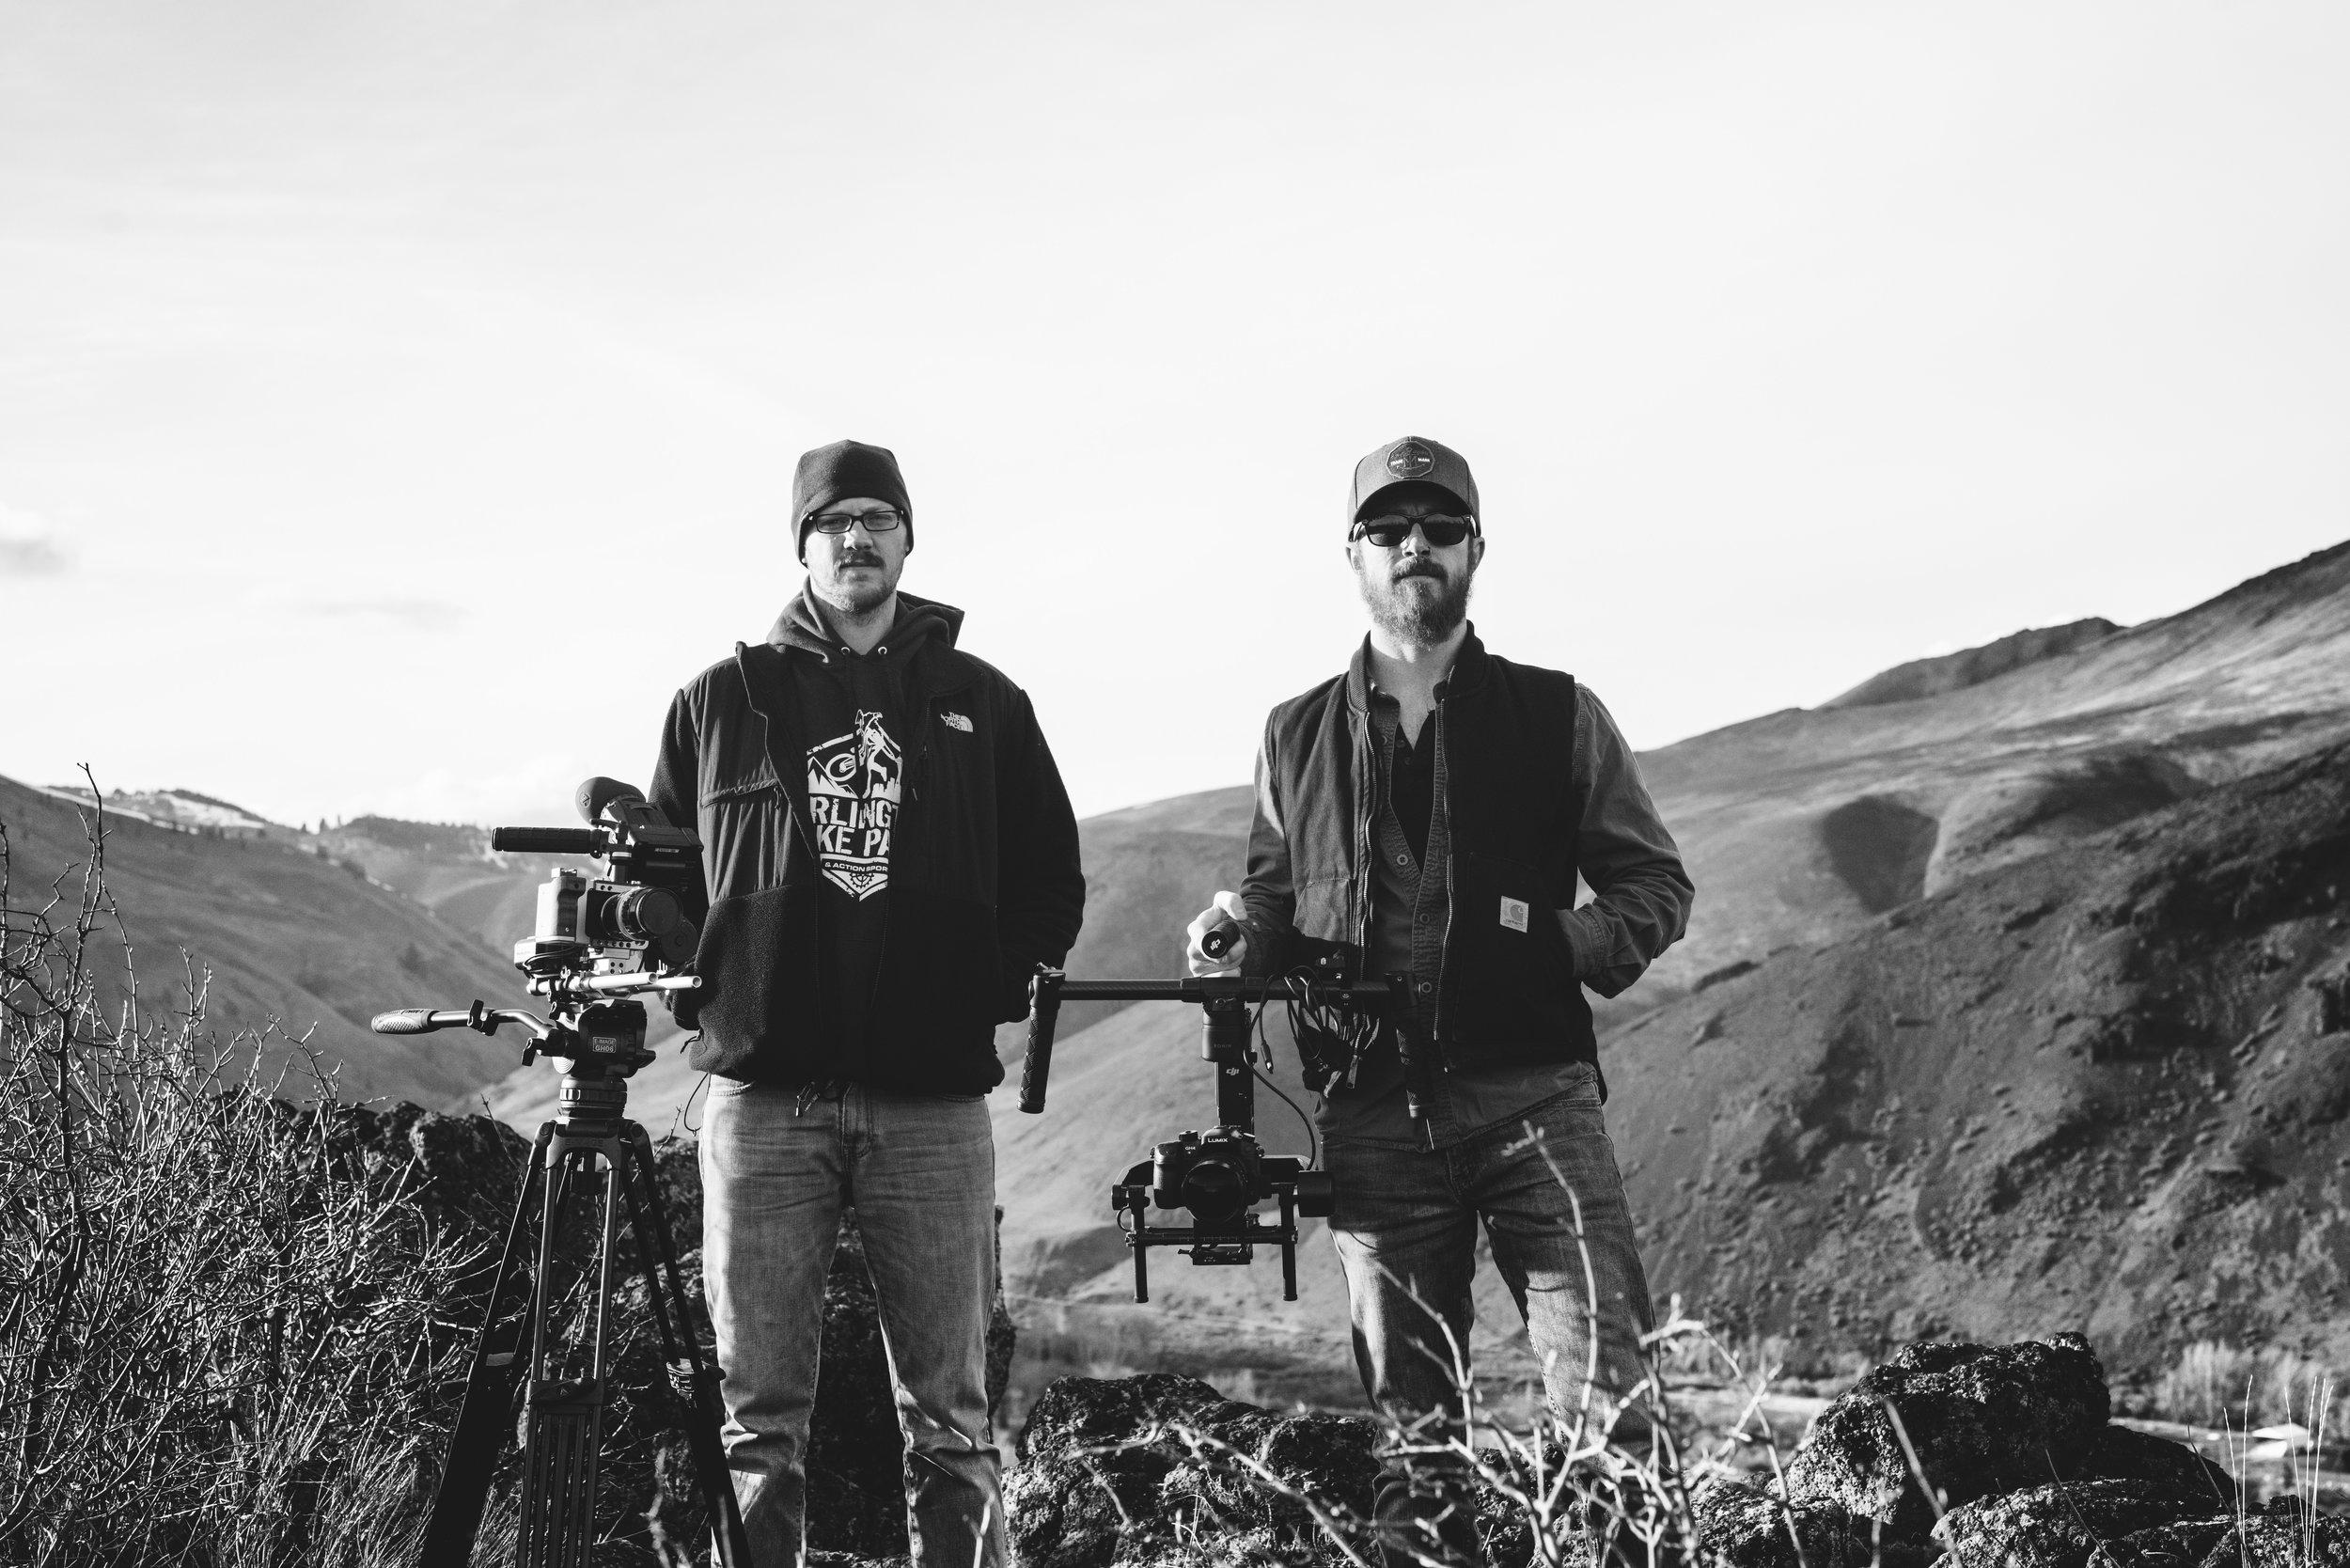 Digital Vendetta Productions Camera Gear